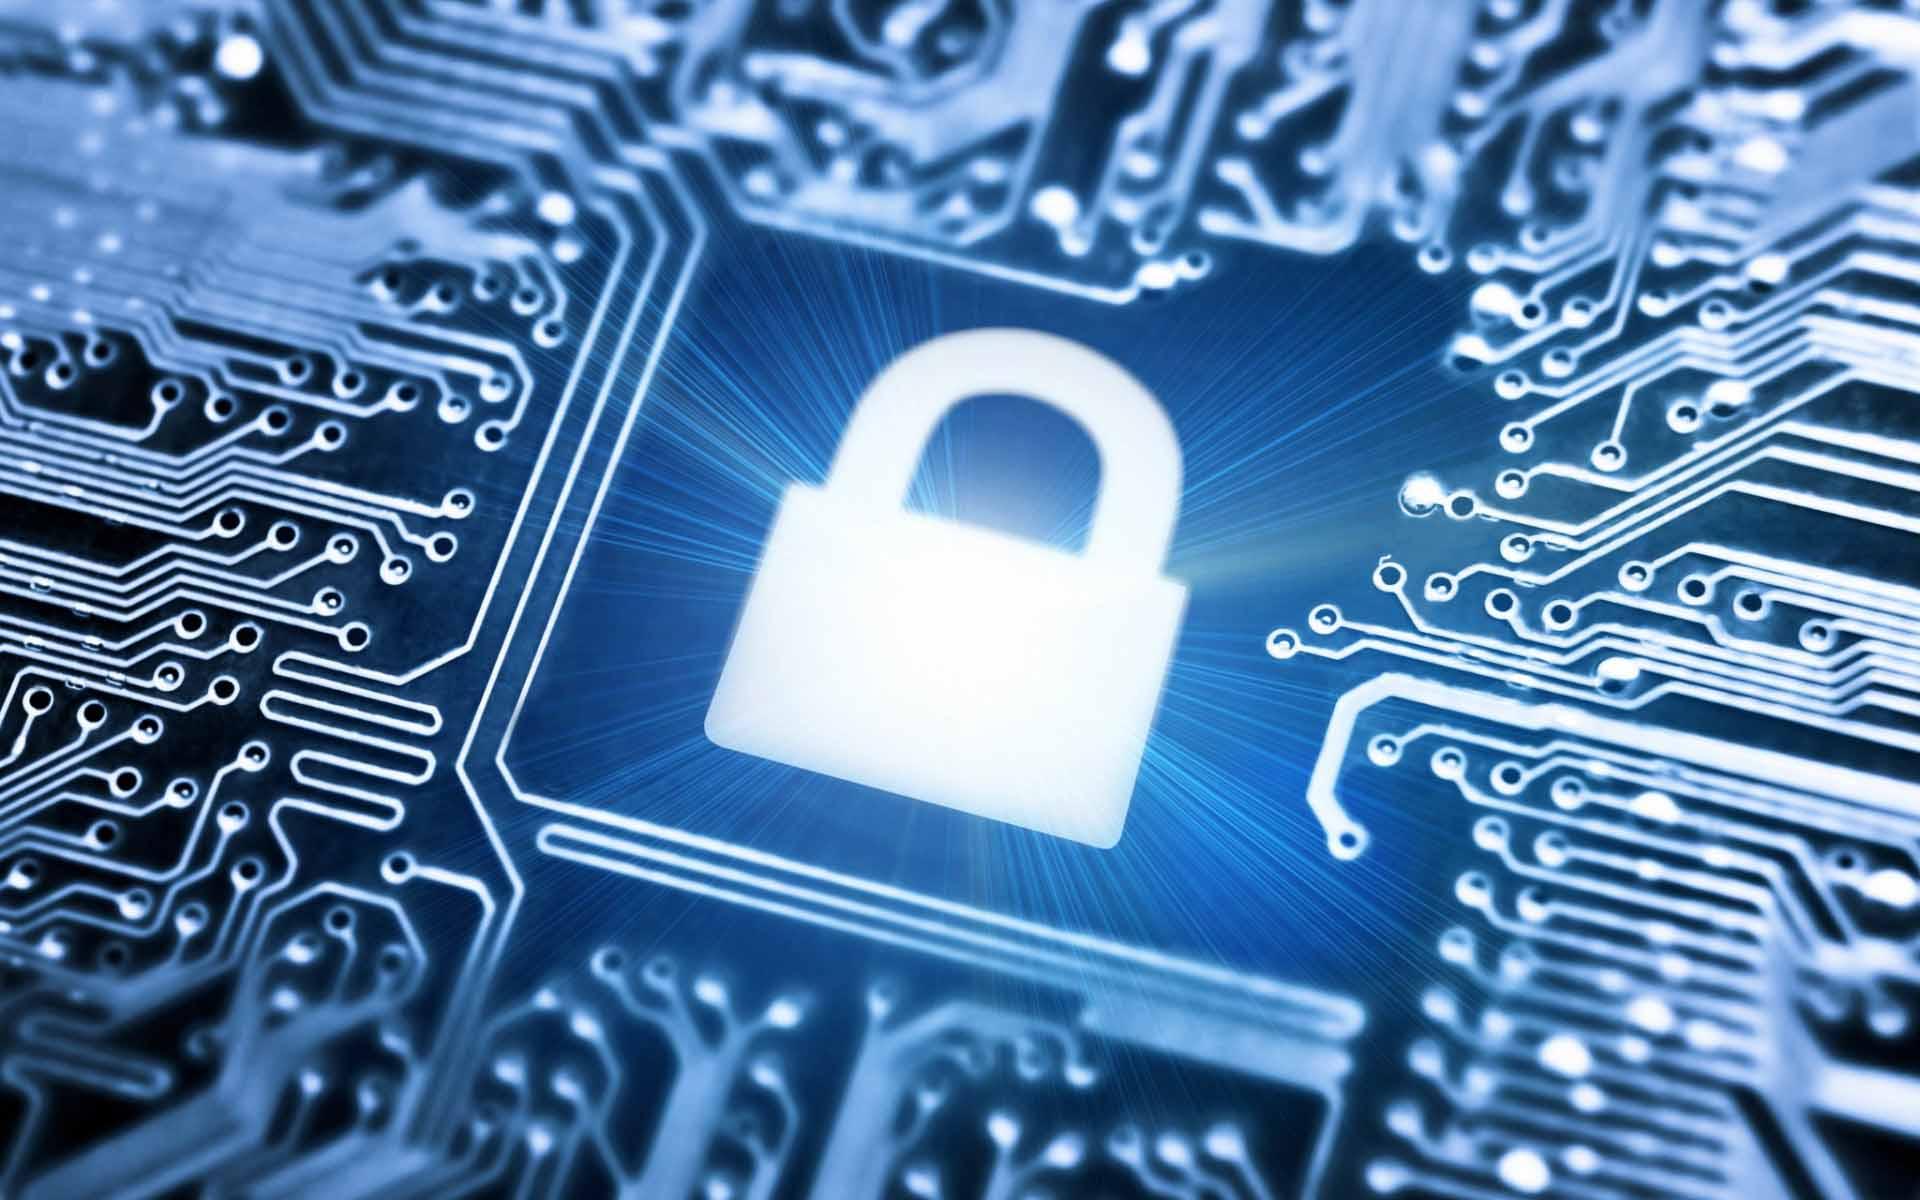 Вебинар: Цифровизация в сфере производственной безопасности